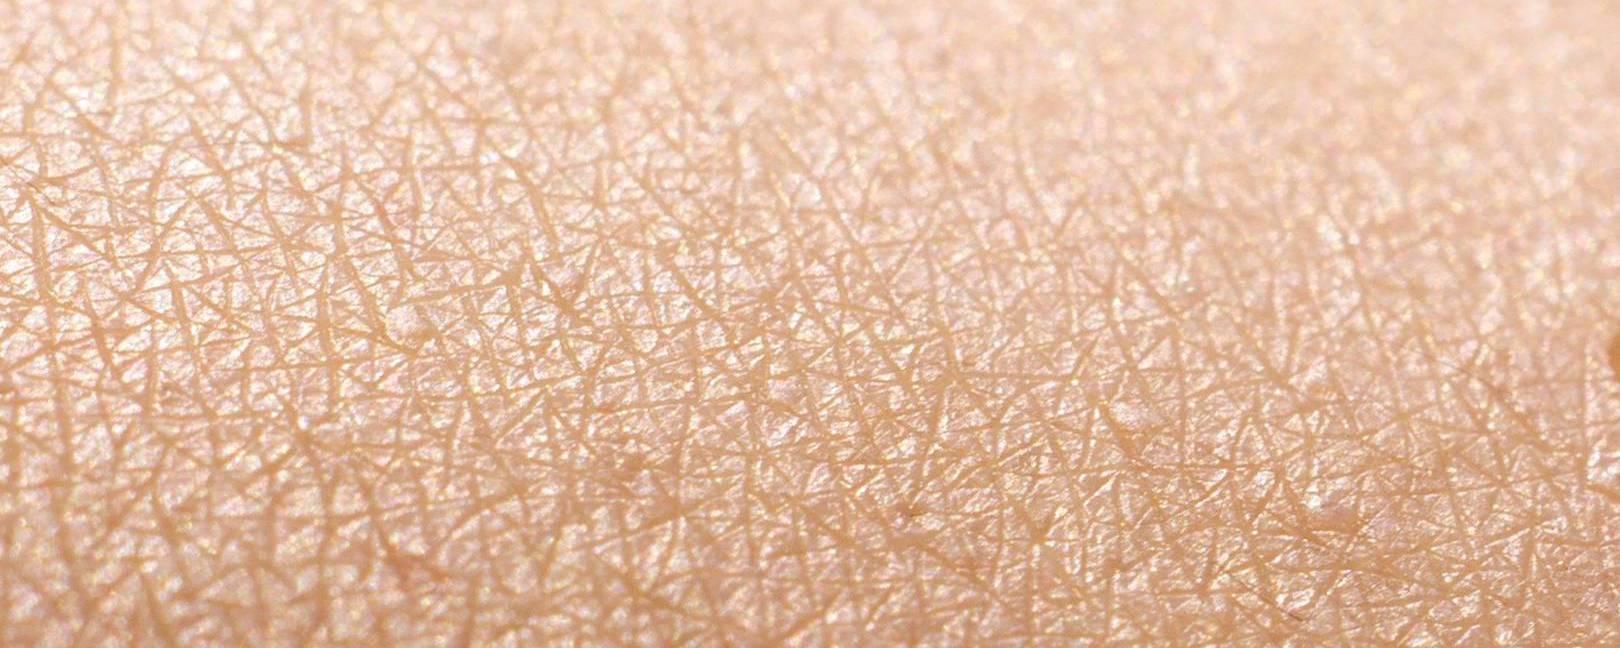 Математика кожи: выращивание эпидермиса на основе математического моделирования